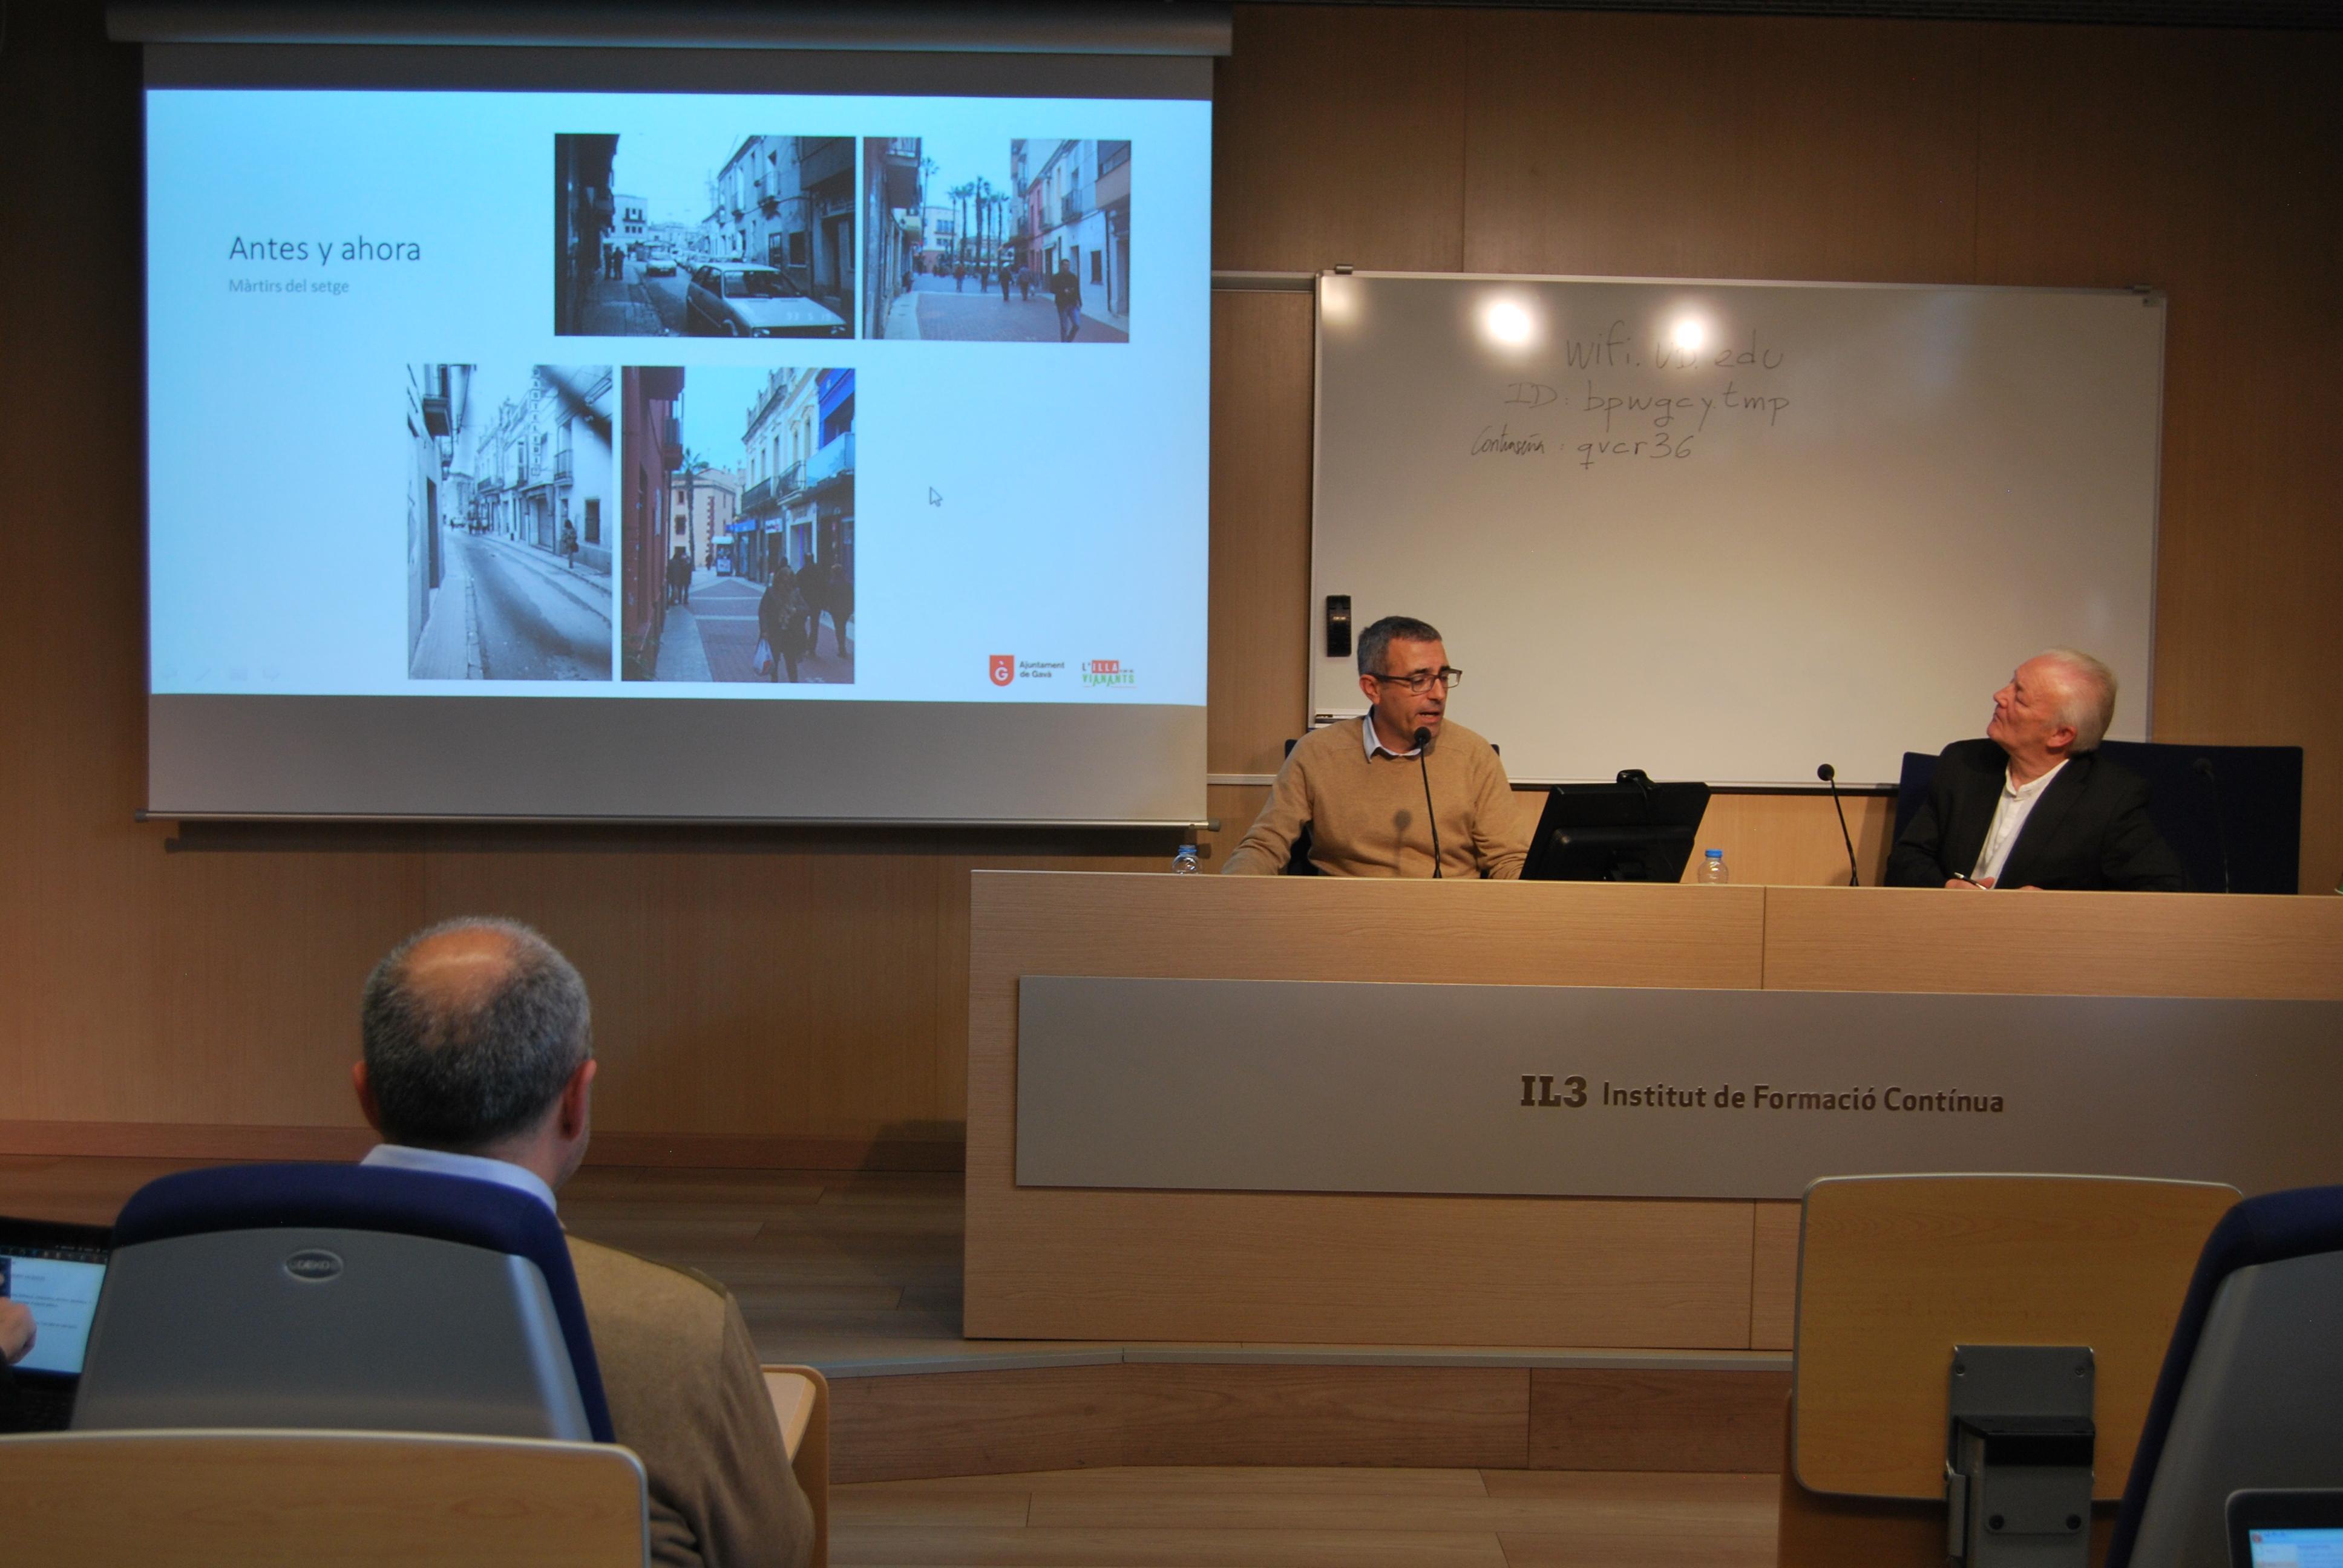 Fidel Vázquez, Director de Servicios de Planificación Territorial en el Ayuntamiento de Gavà, explica 25 años de manzana para peatones